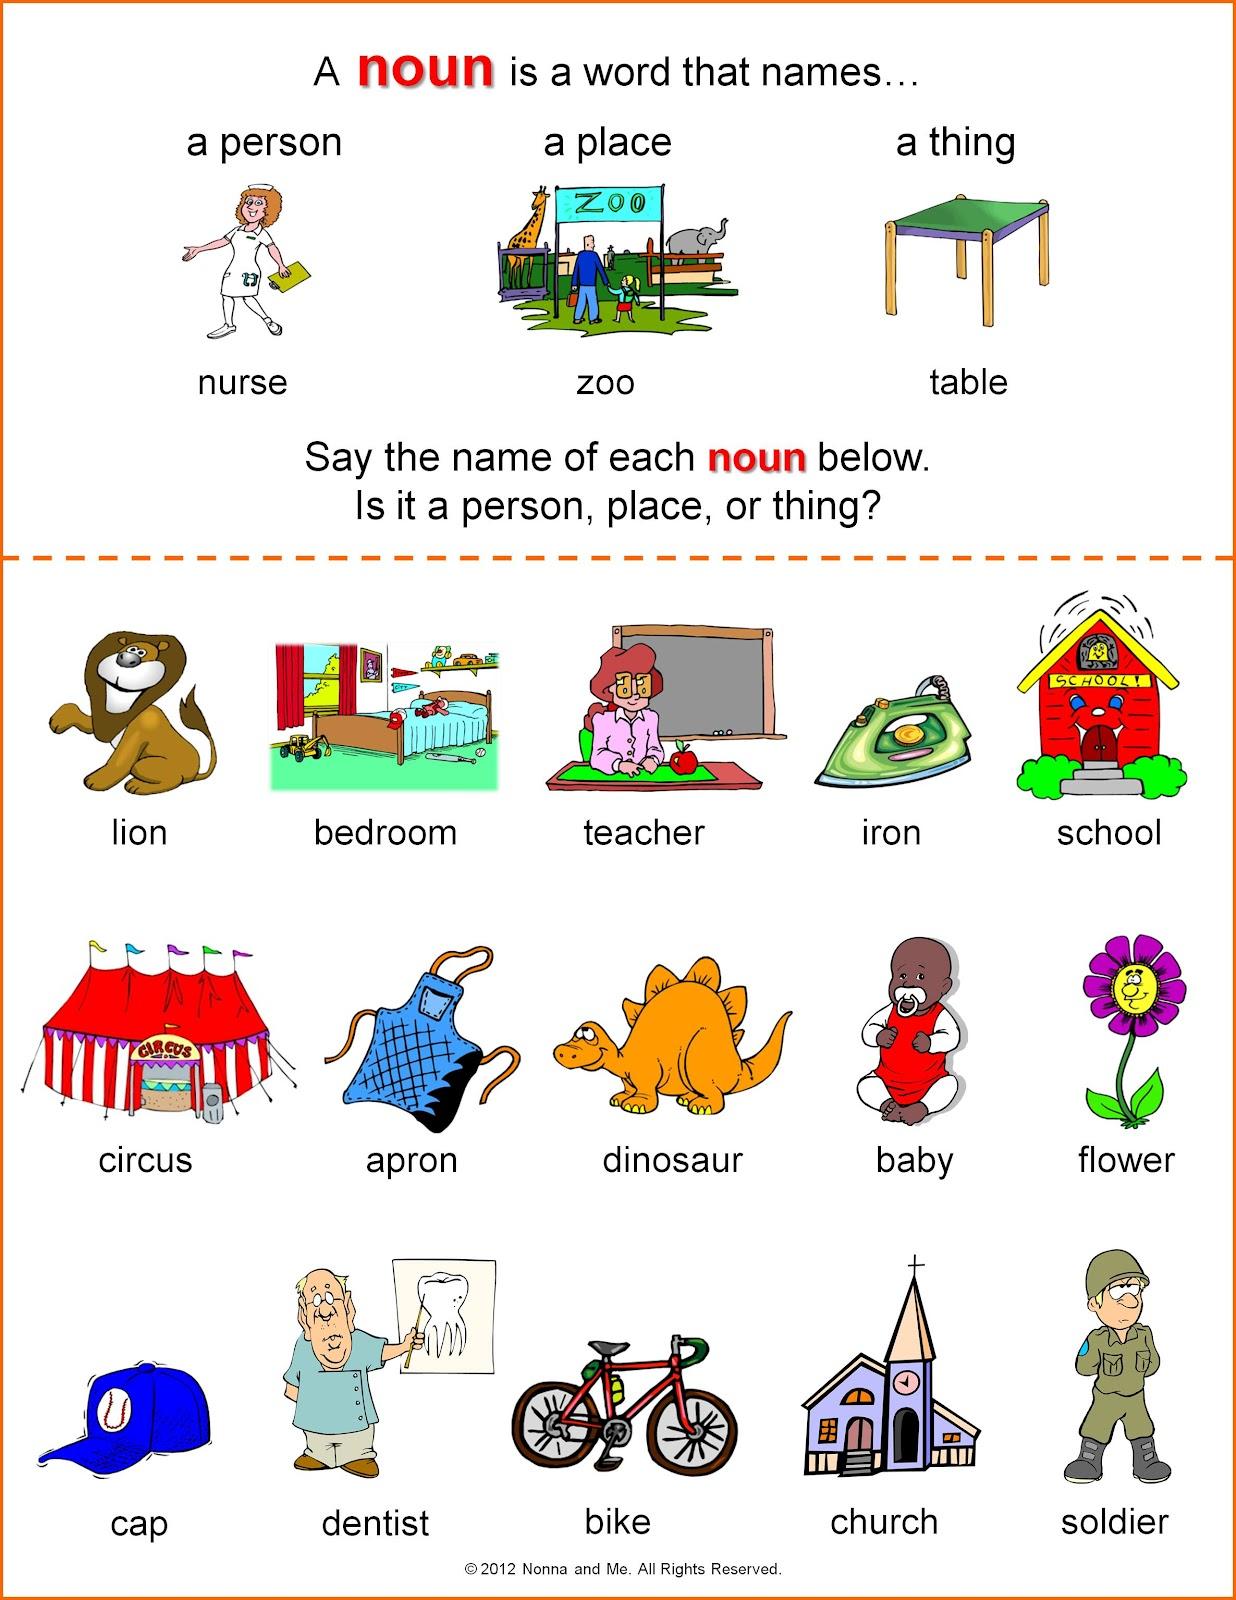 Noun Images